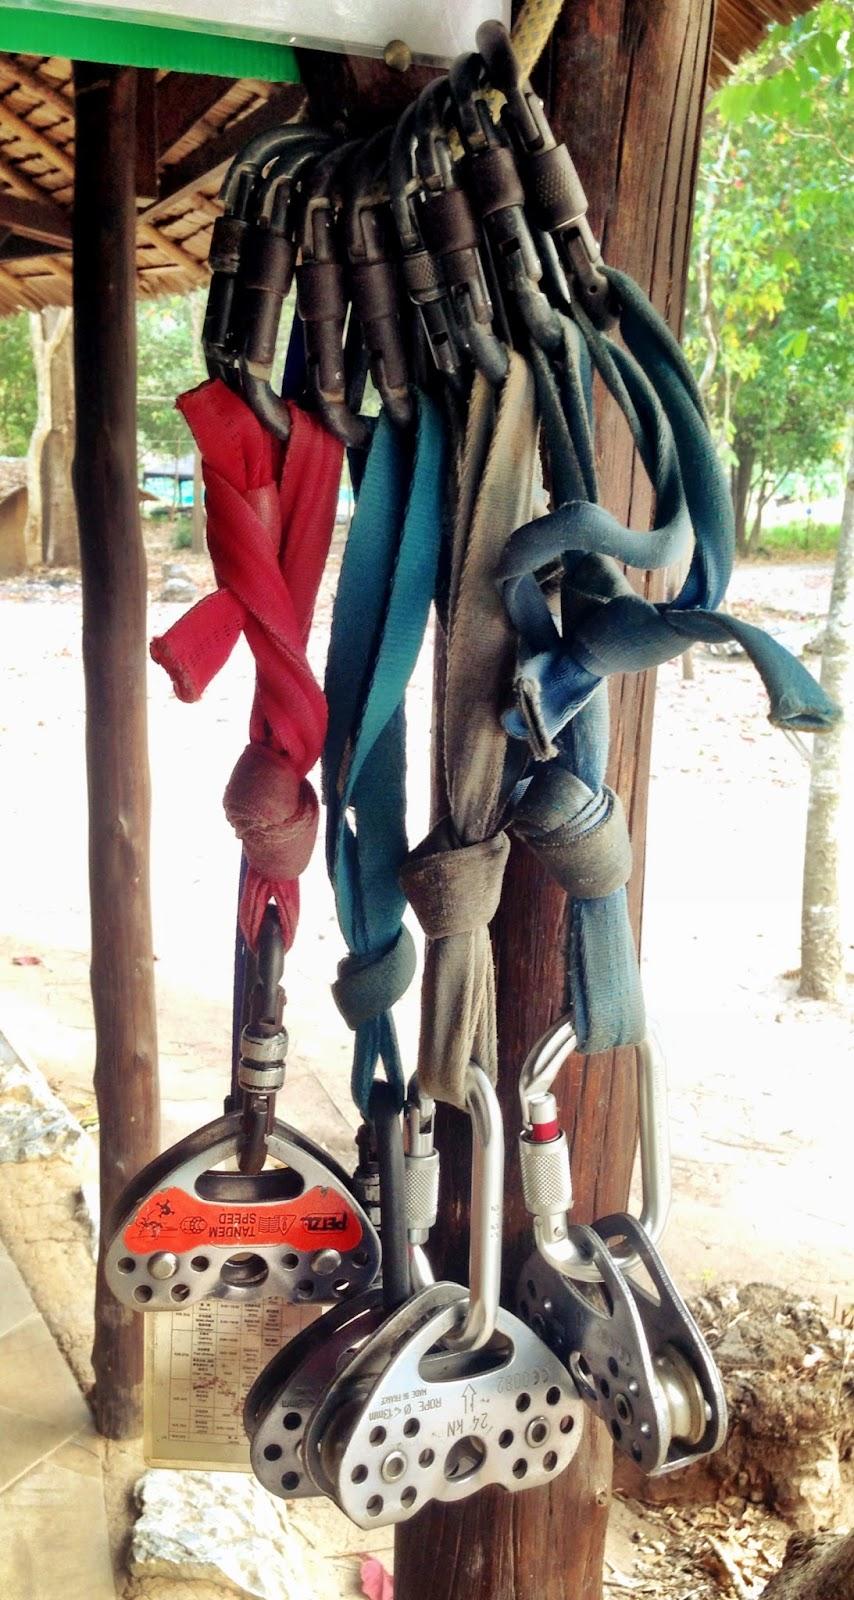 Zipline Gear